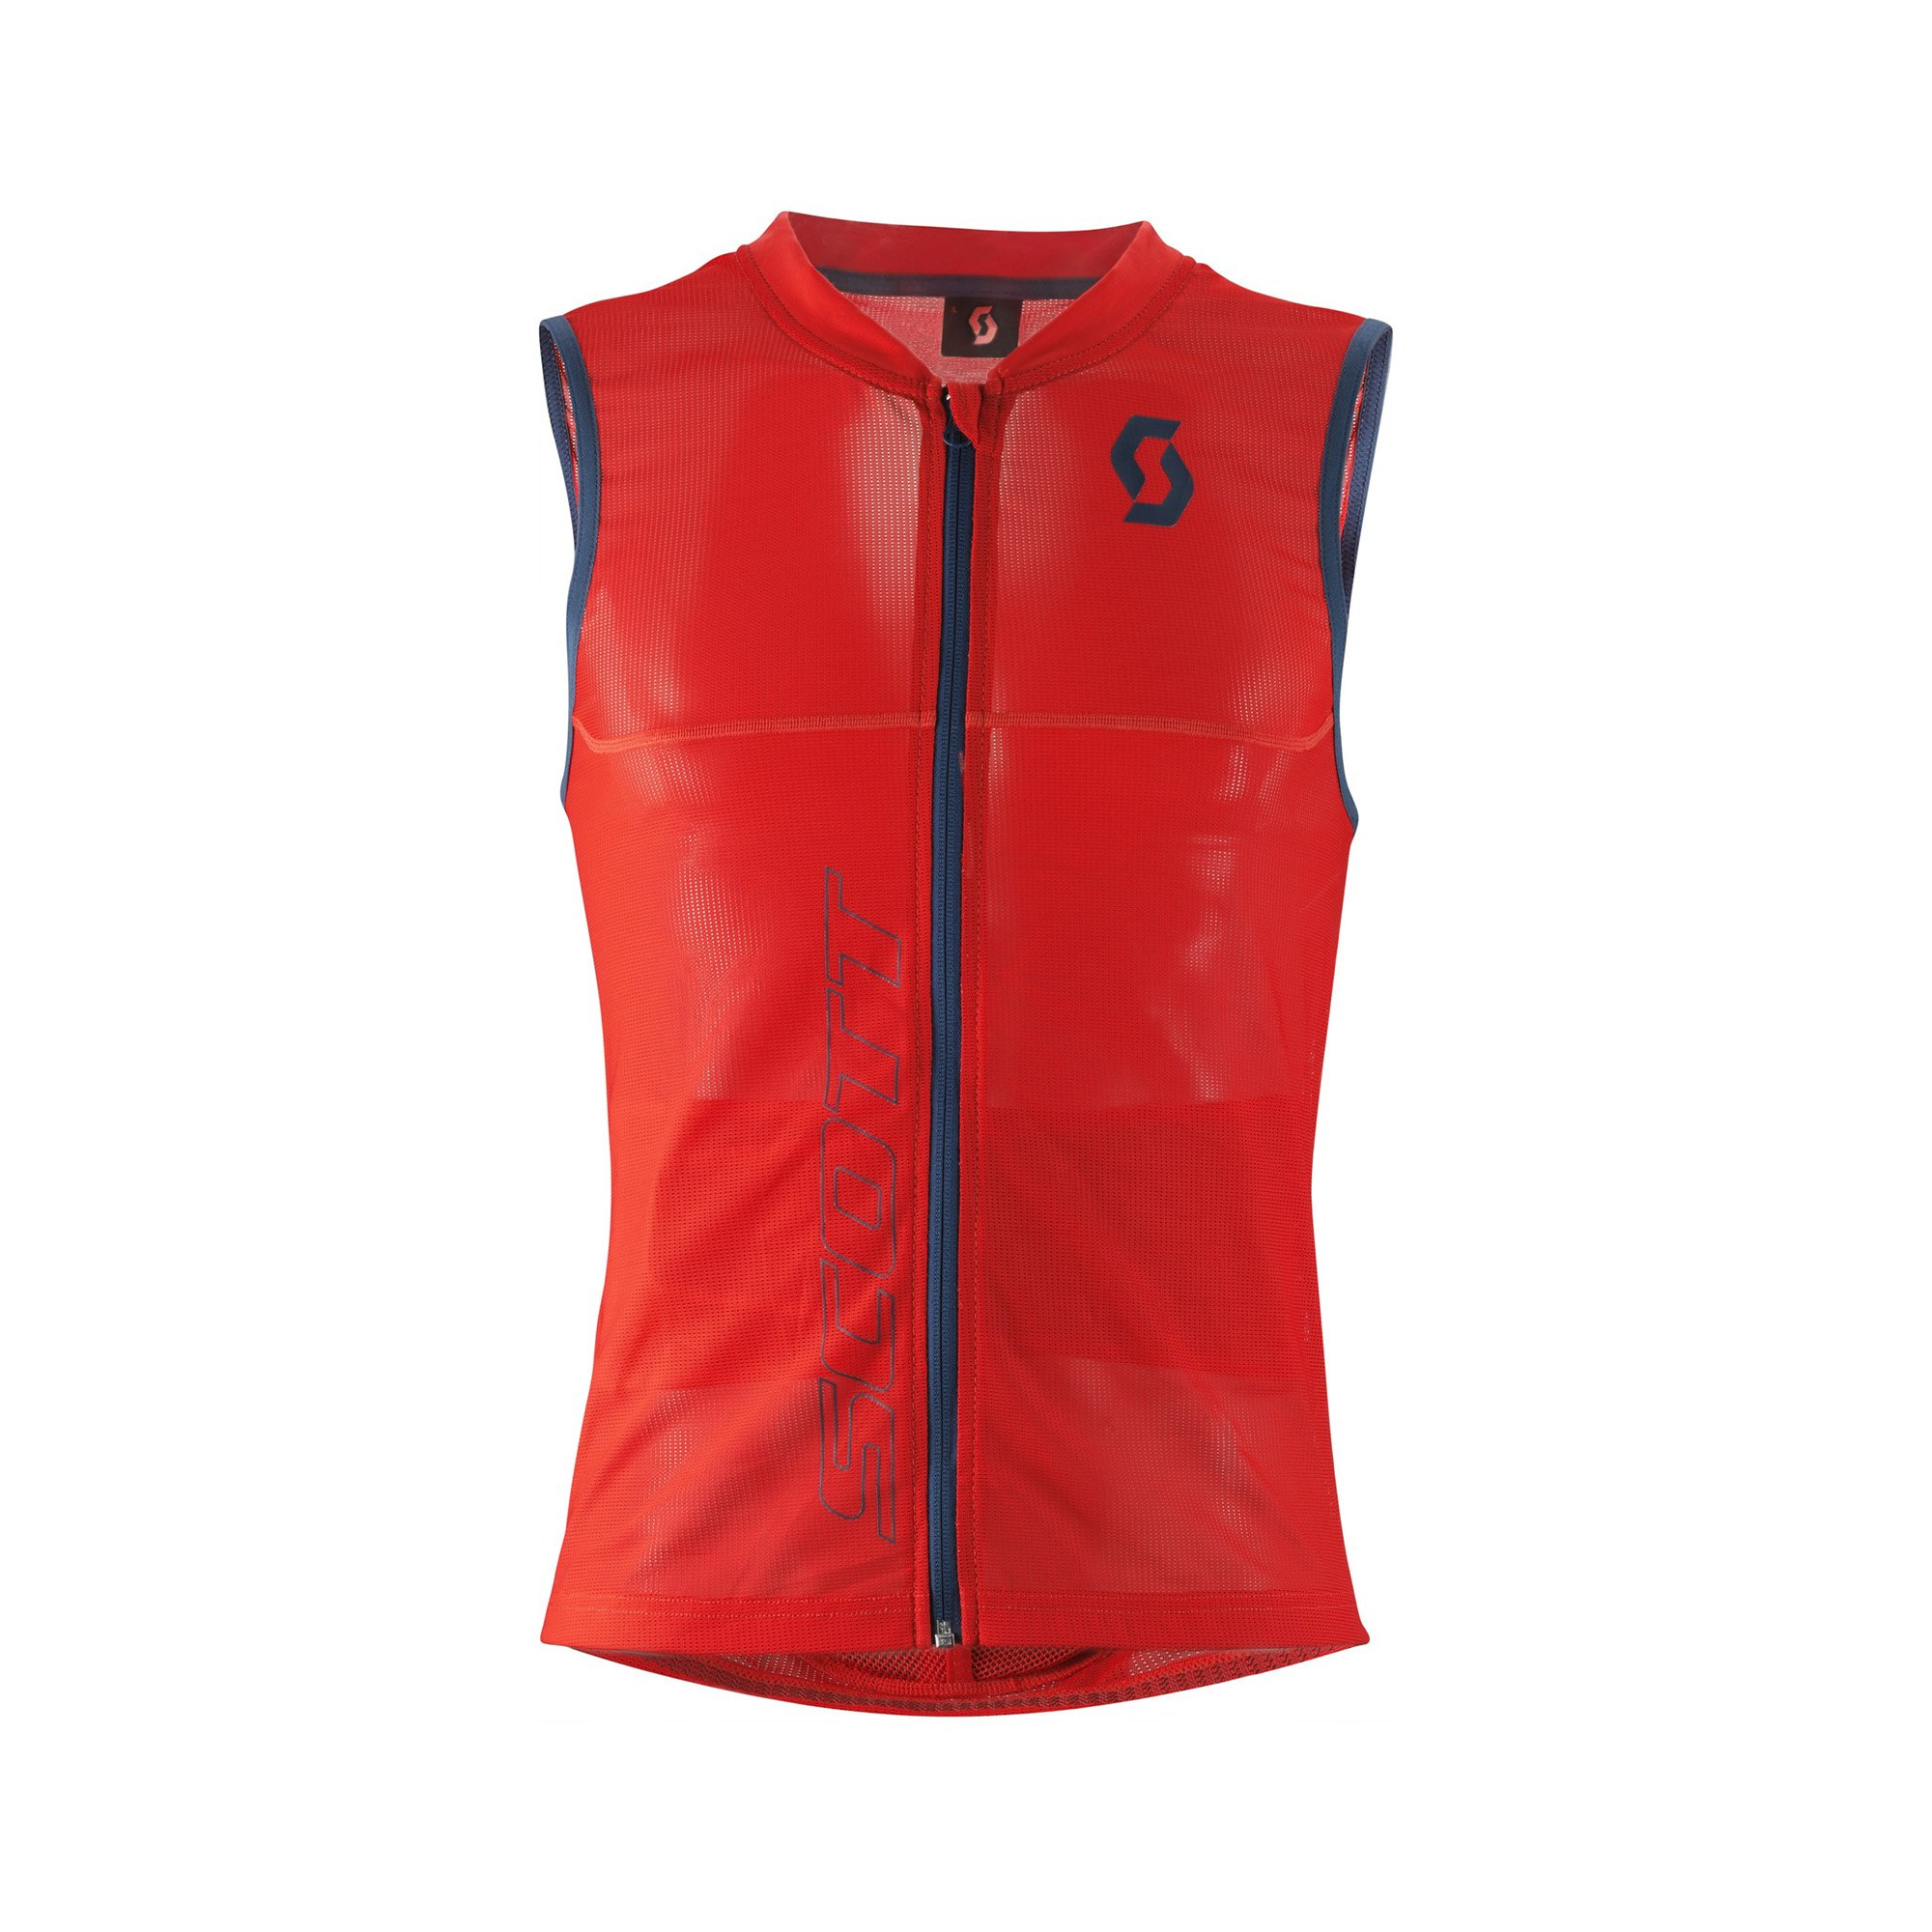 Scott Light Vest M's Actifit 16/17